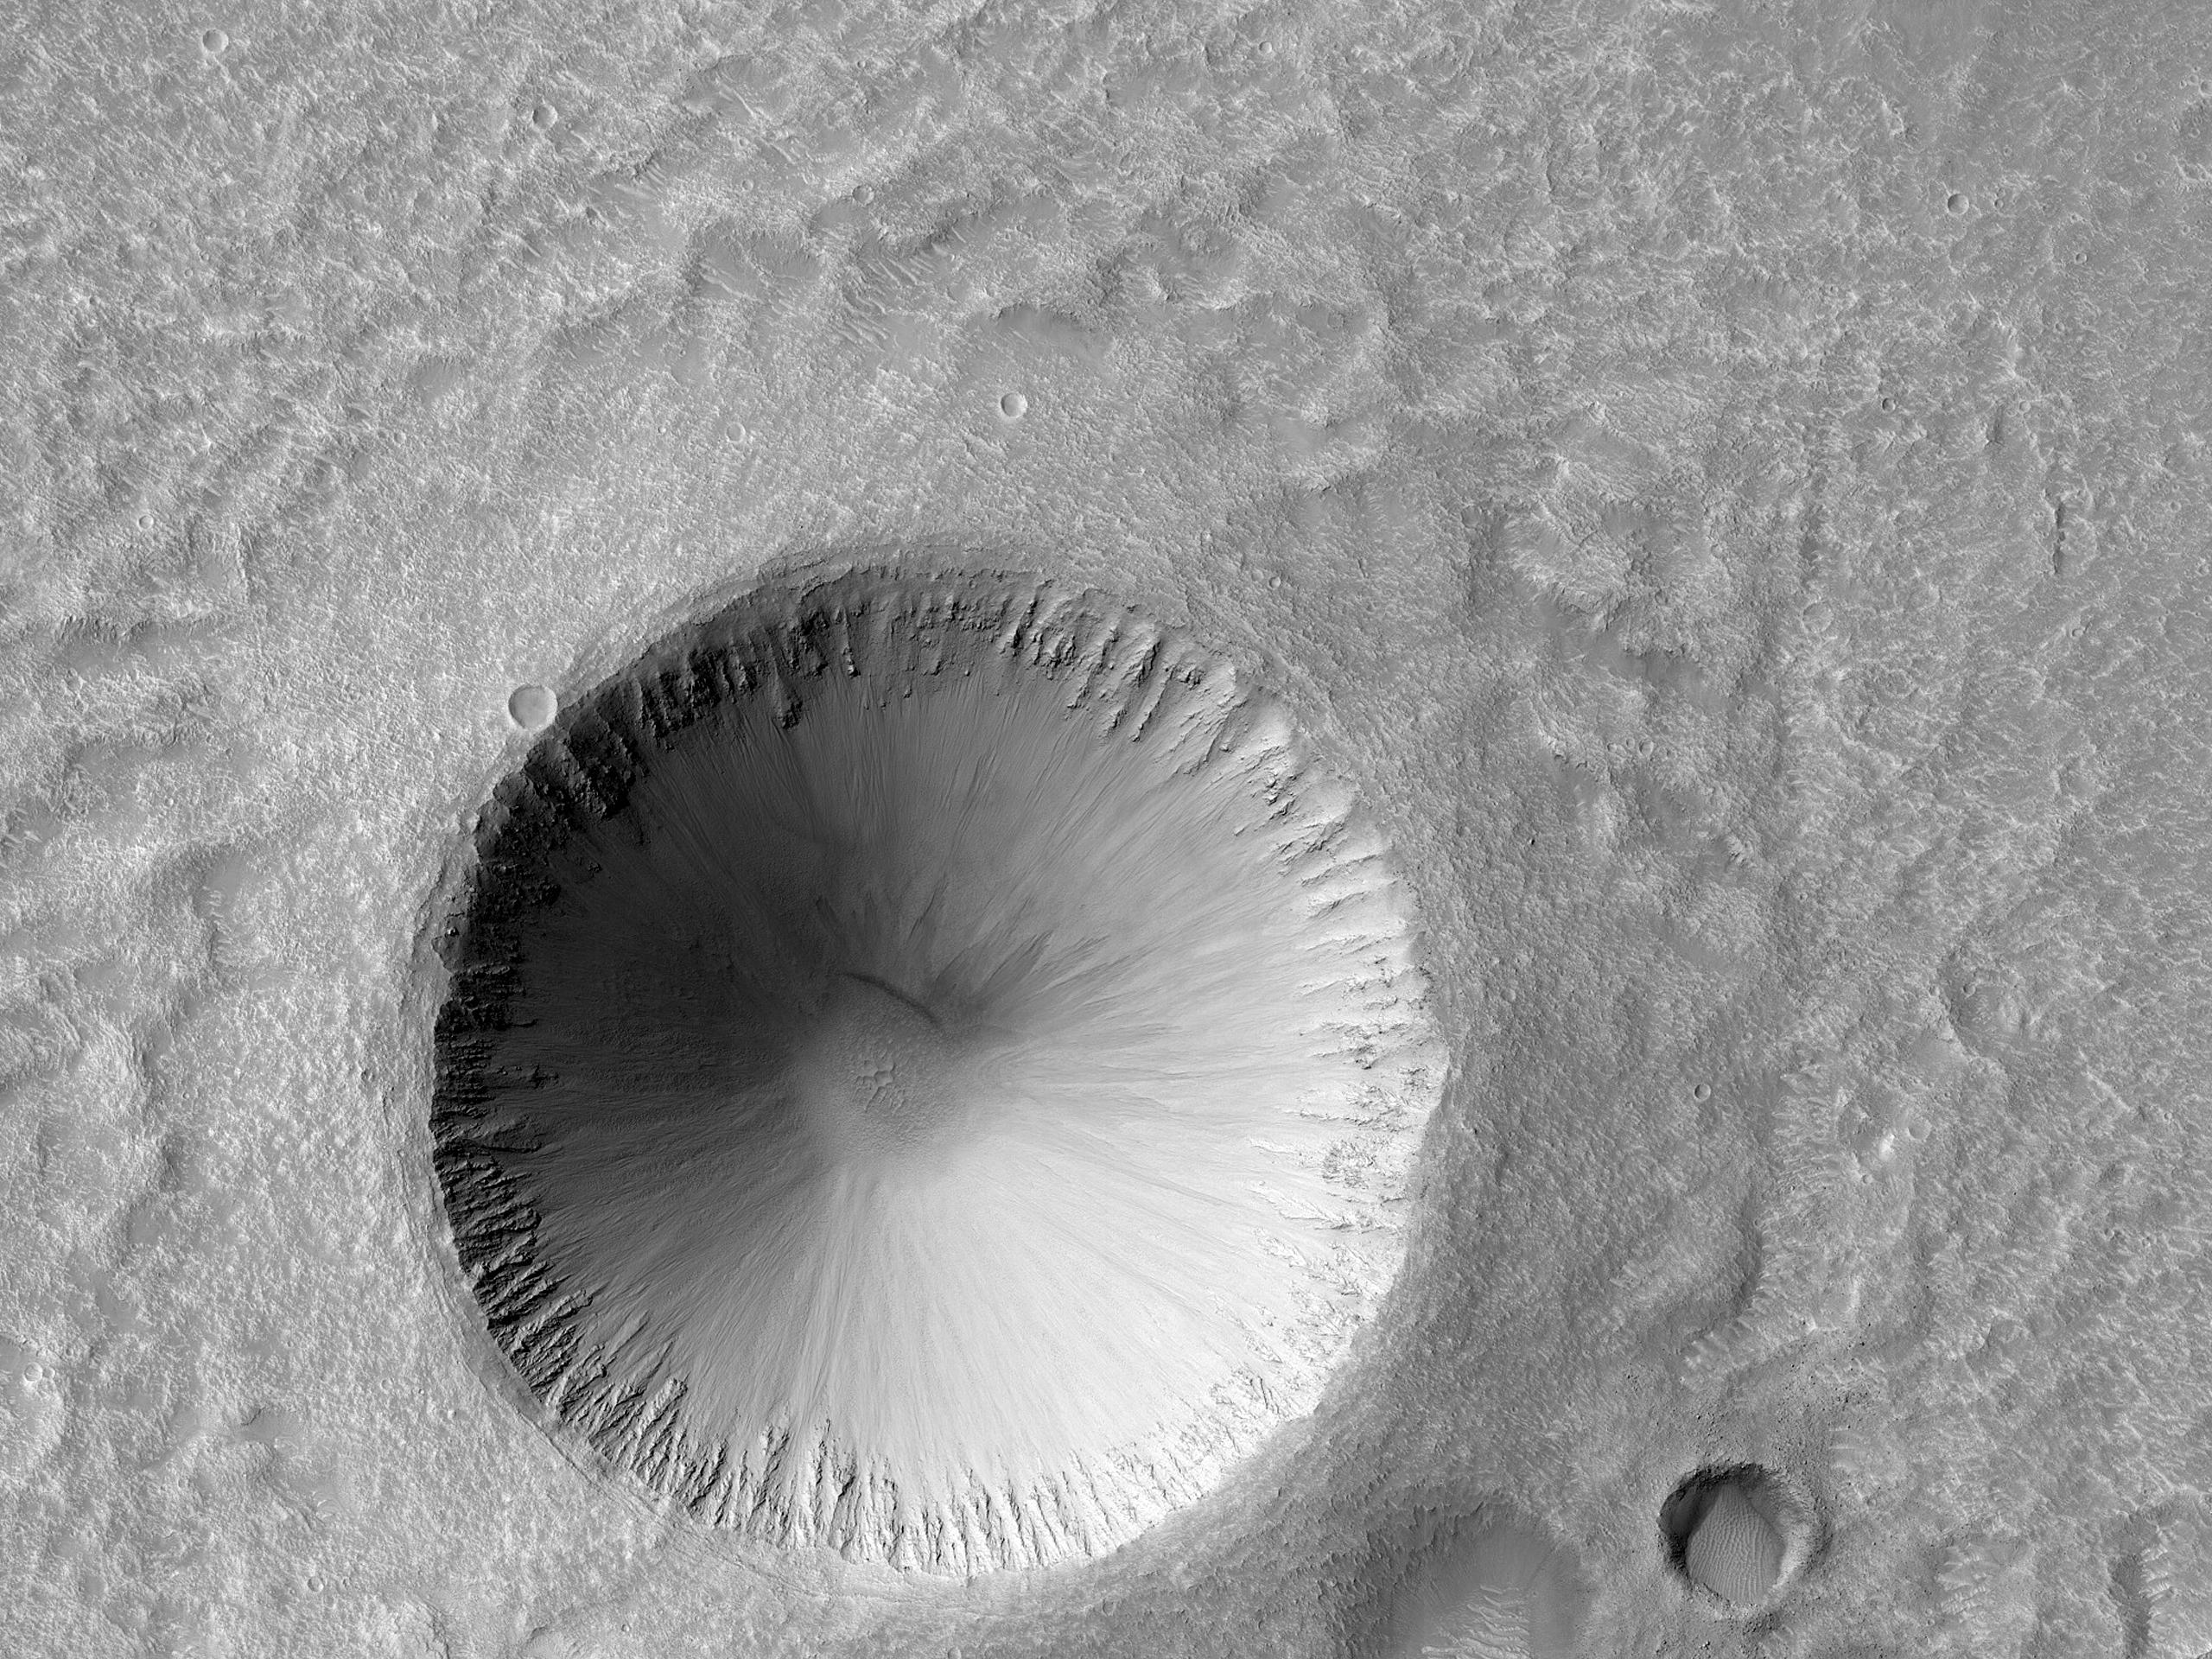 Crater de 2 kilometri, bine conservat, aproape de Hephaestus Fossae